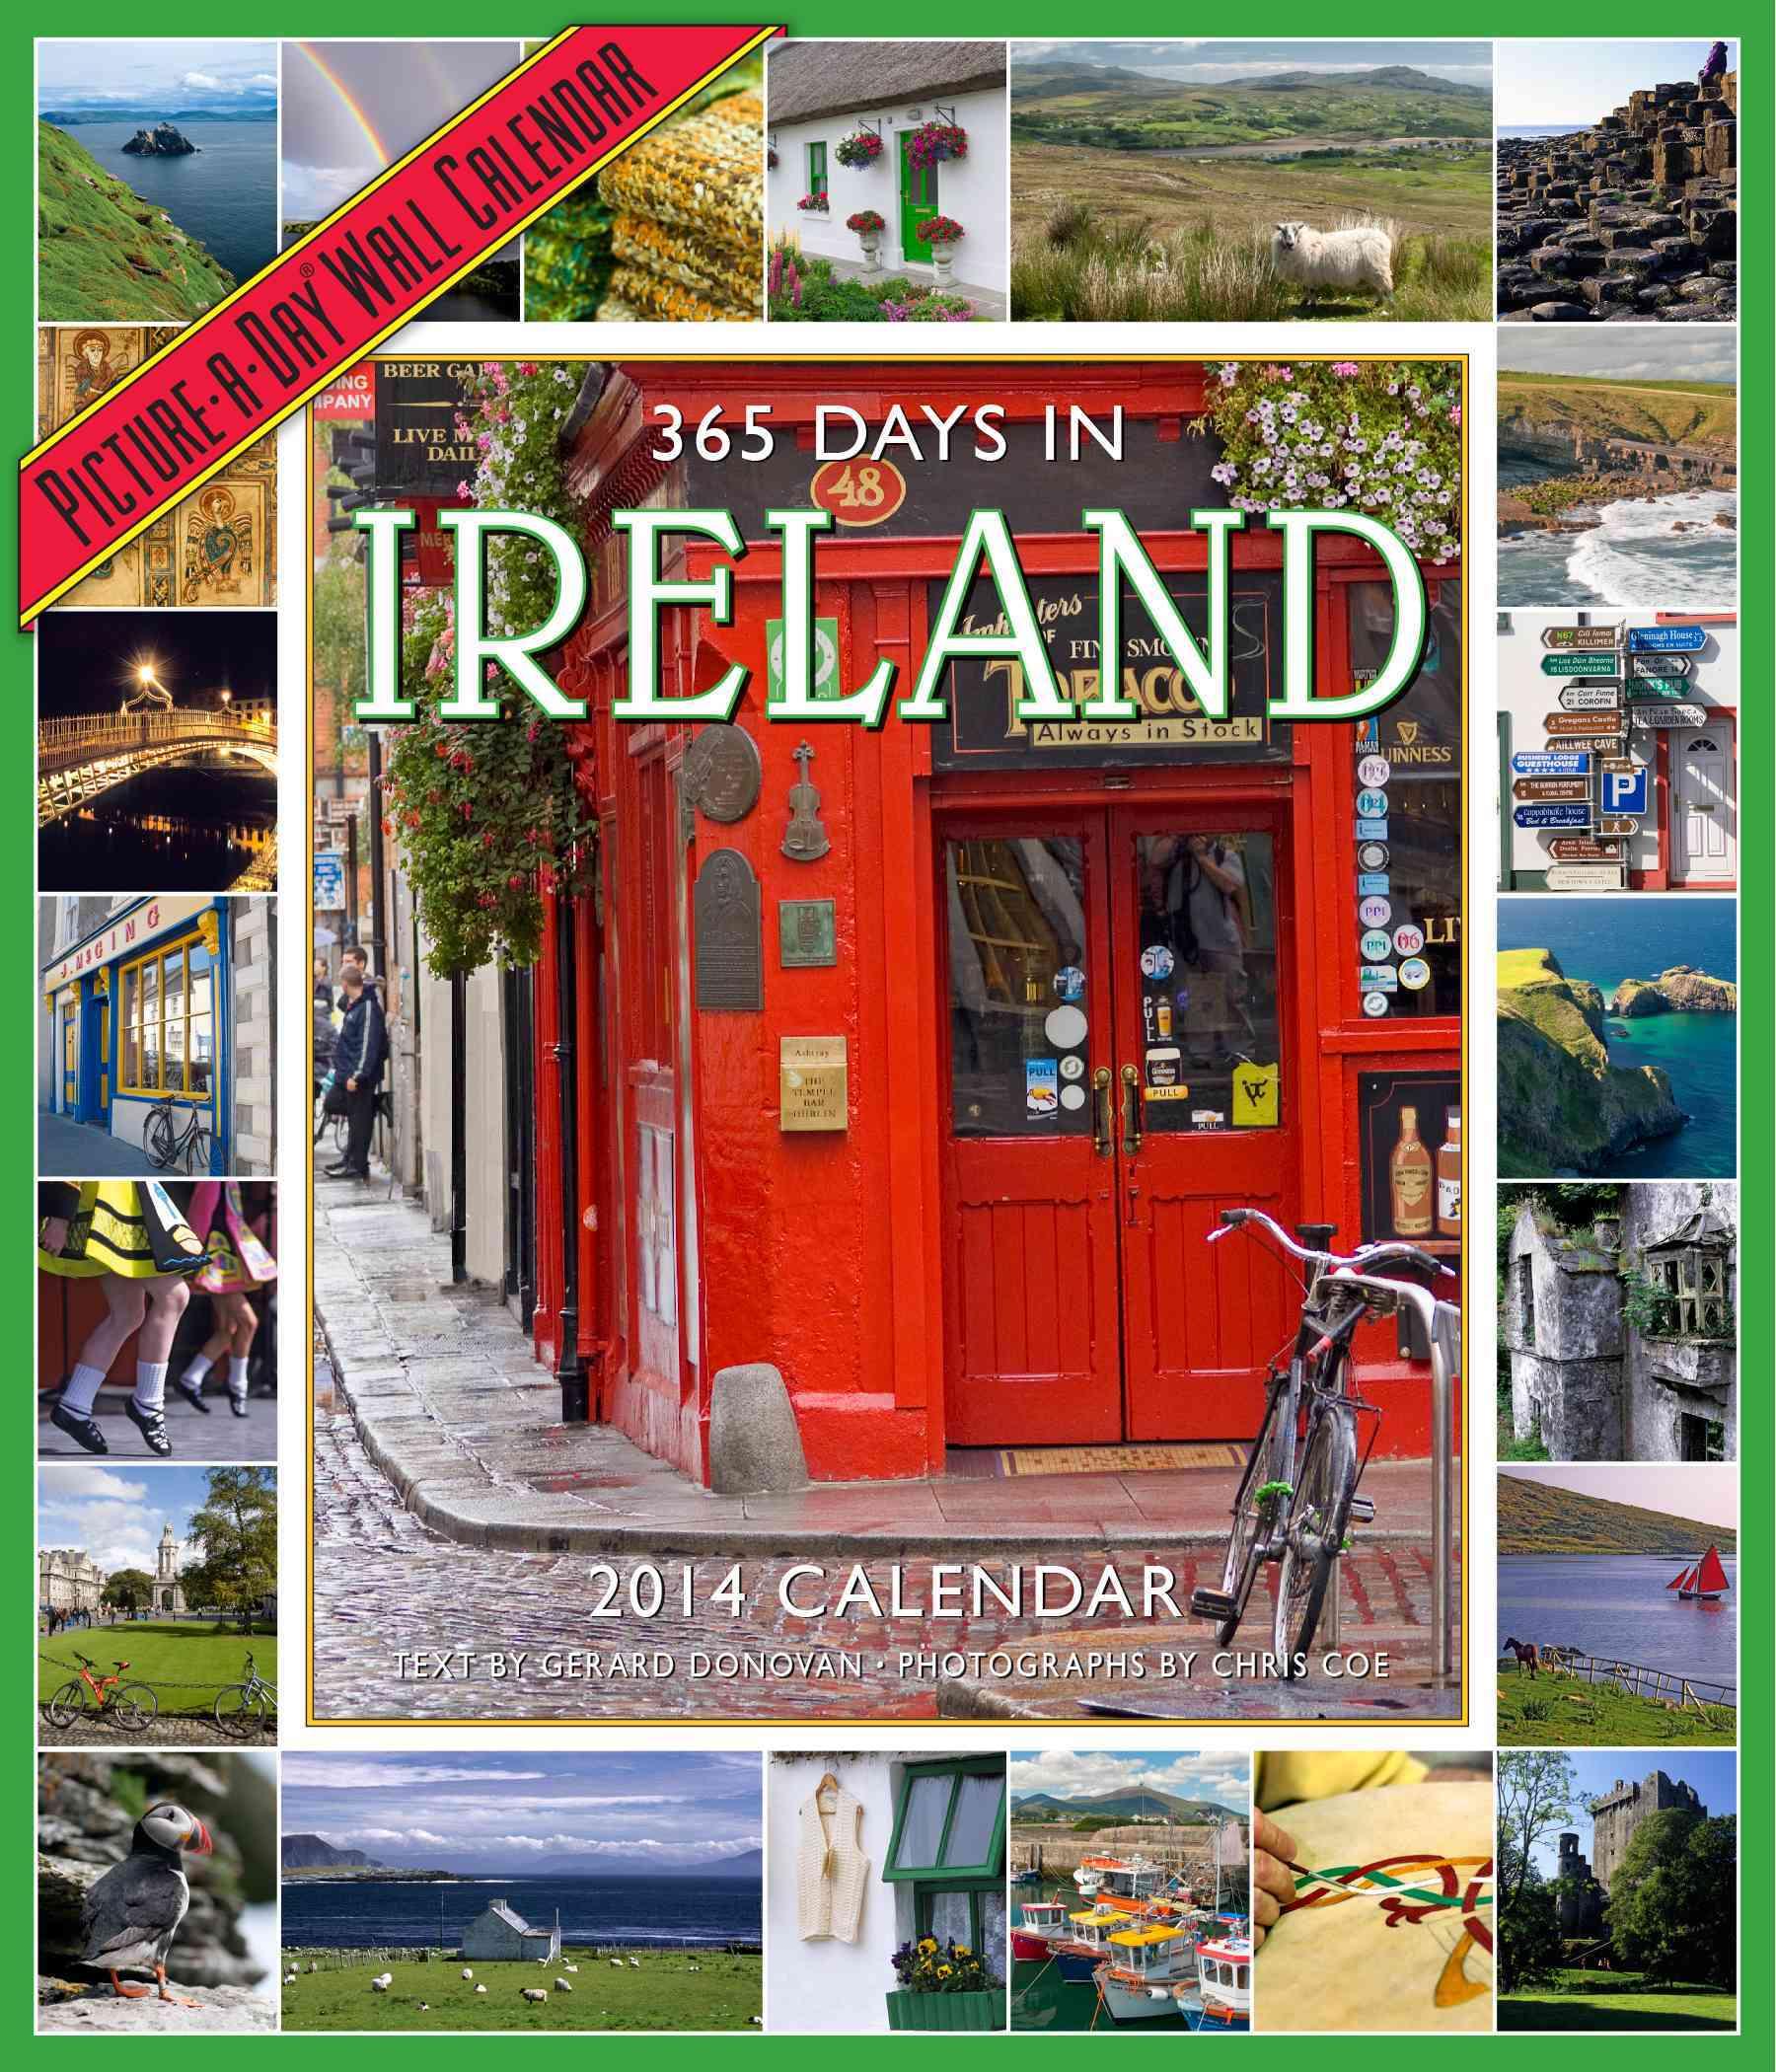 365 Days in Ireland 2014 Calendar (Calendar)